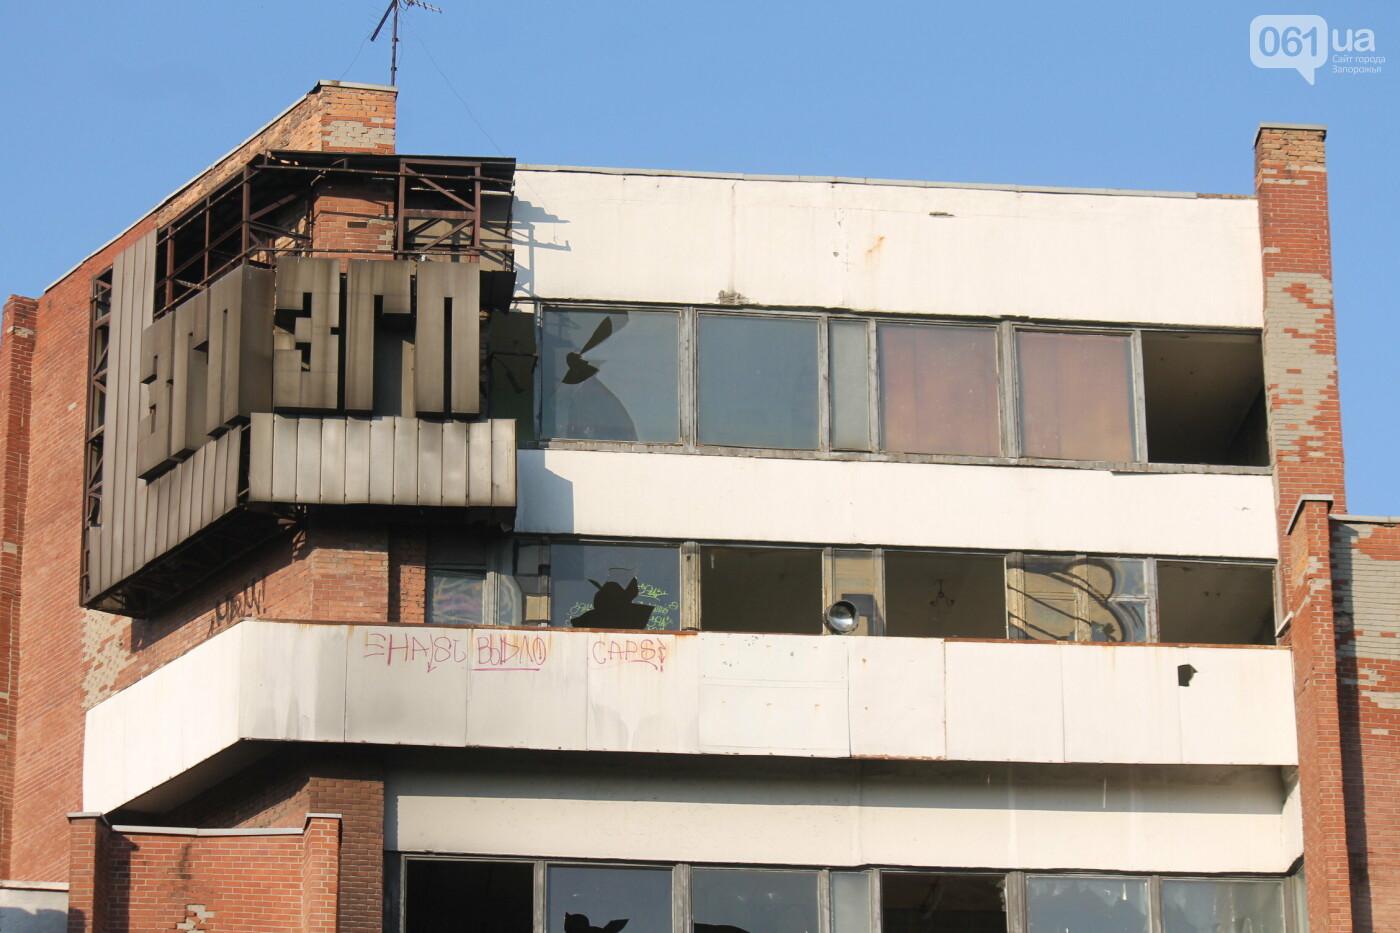 В центре Запорожья разрушается заброшенное здание института «Запорожгражданпроект», – ФОТОРЕПОРТАЖ  , фото-6